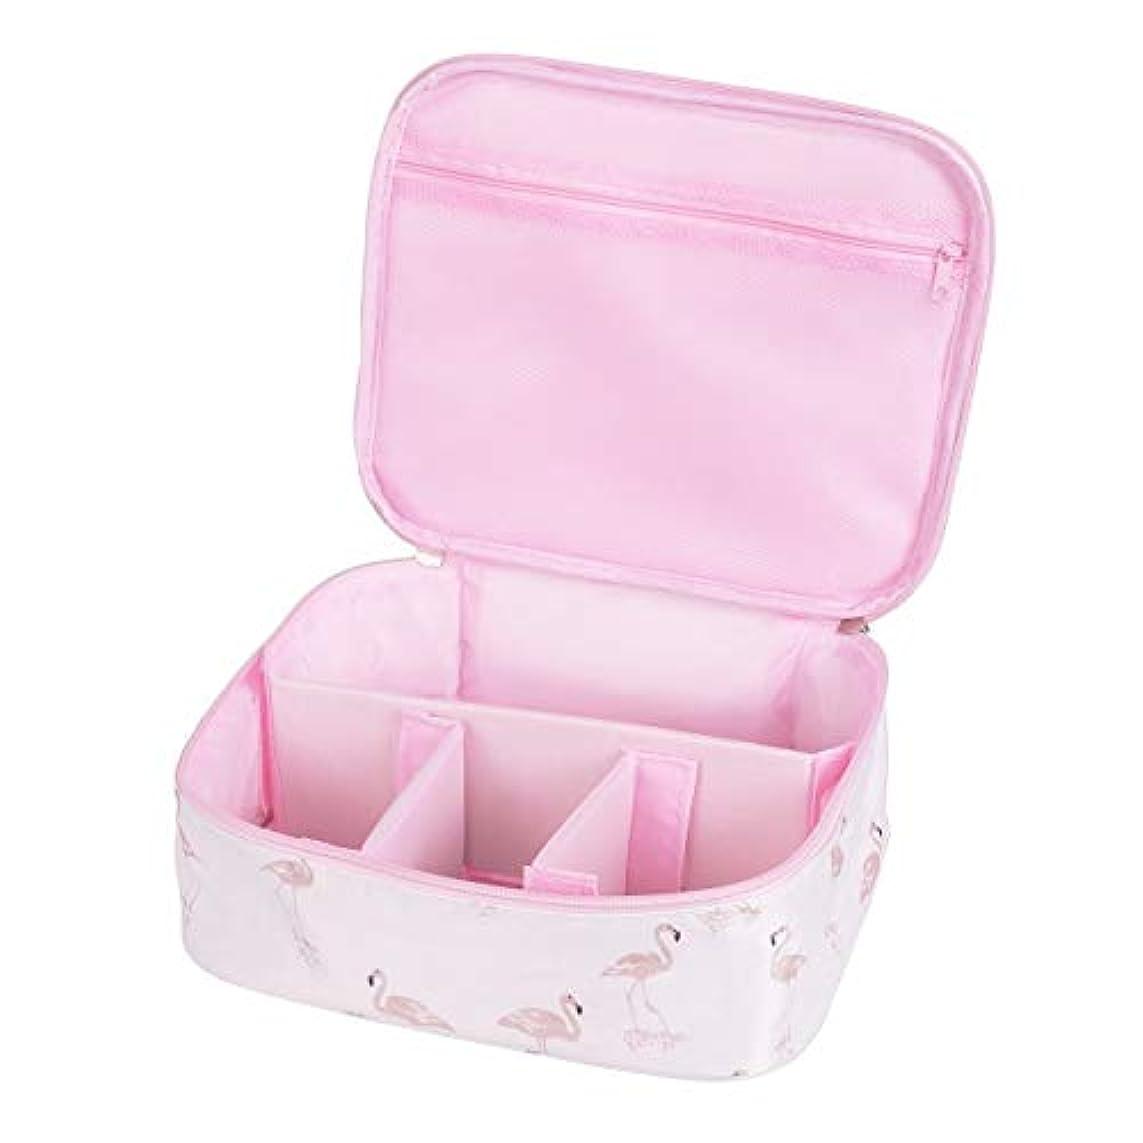 容量アイロニー修士号[CAWKAY] メイクボックス 旅行用化粧ケース コスメ バッグ ボックス トラベル化粧ポーチ メイクブラシ 小物入れ 収納